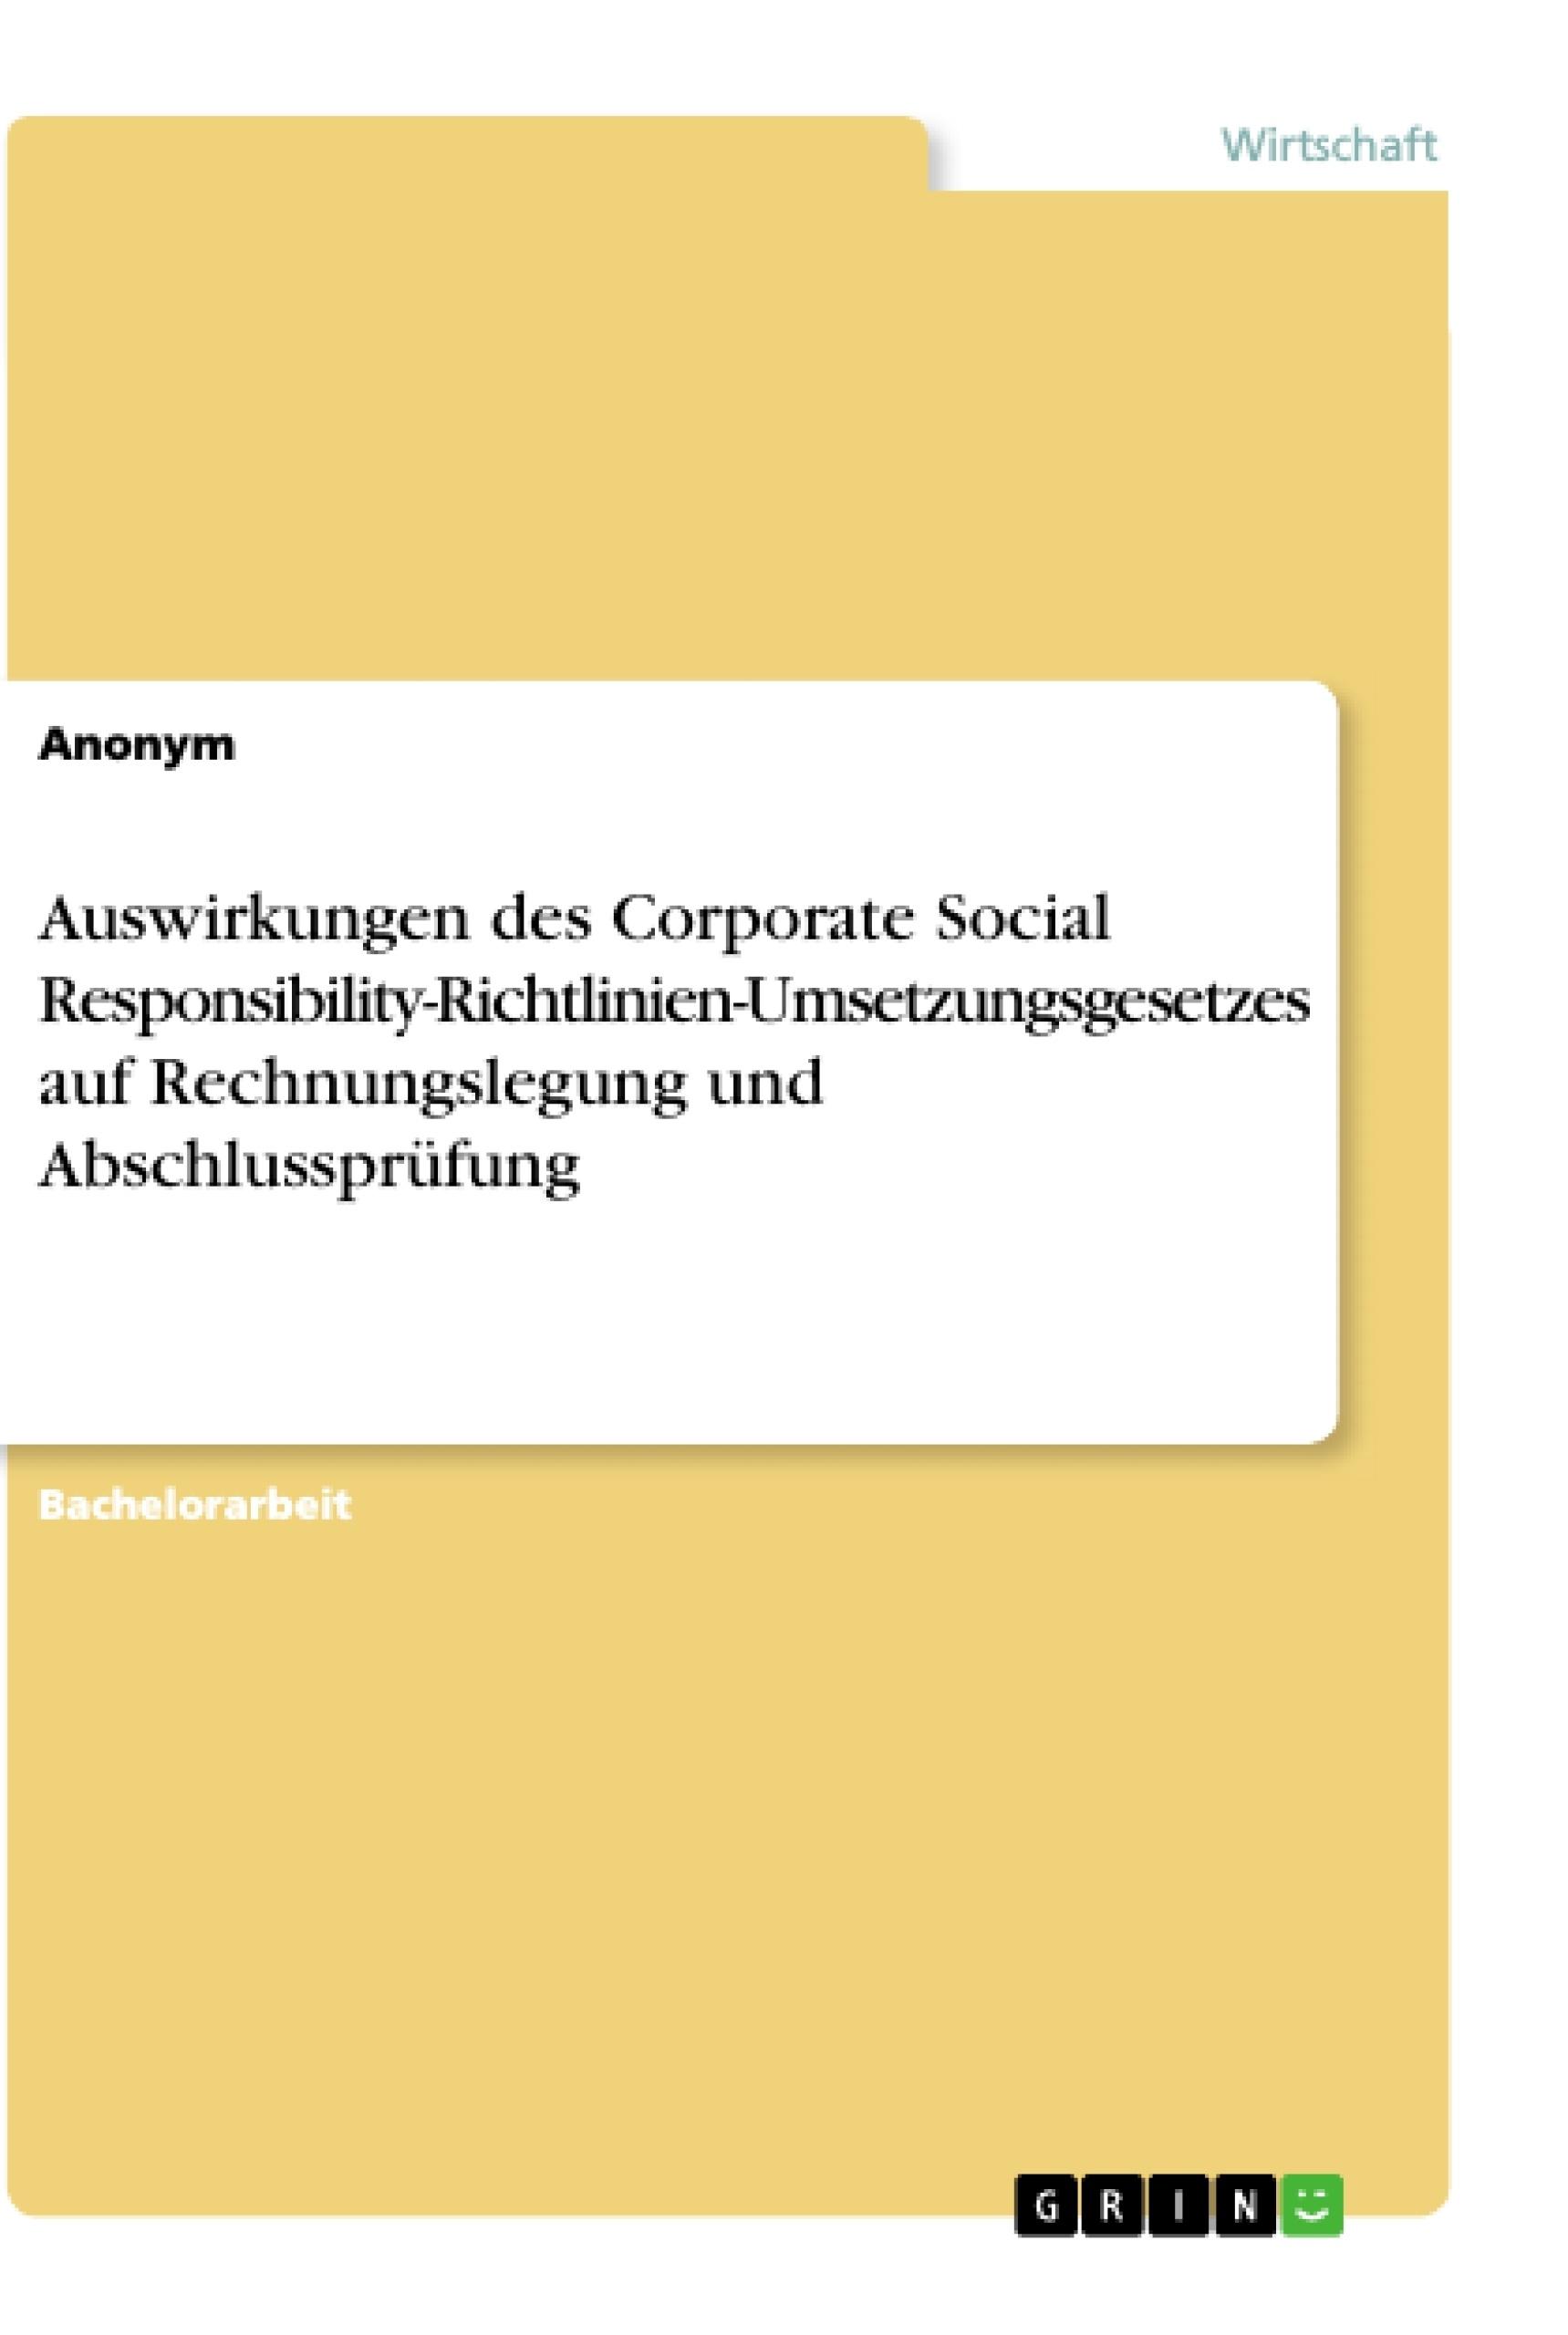 Titel: Auswirkungen des Corporate Social Responsibility-Richtlinien-Umsetzungsgesetzes auf Rechnungslegung und Abschlussprüfung